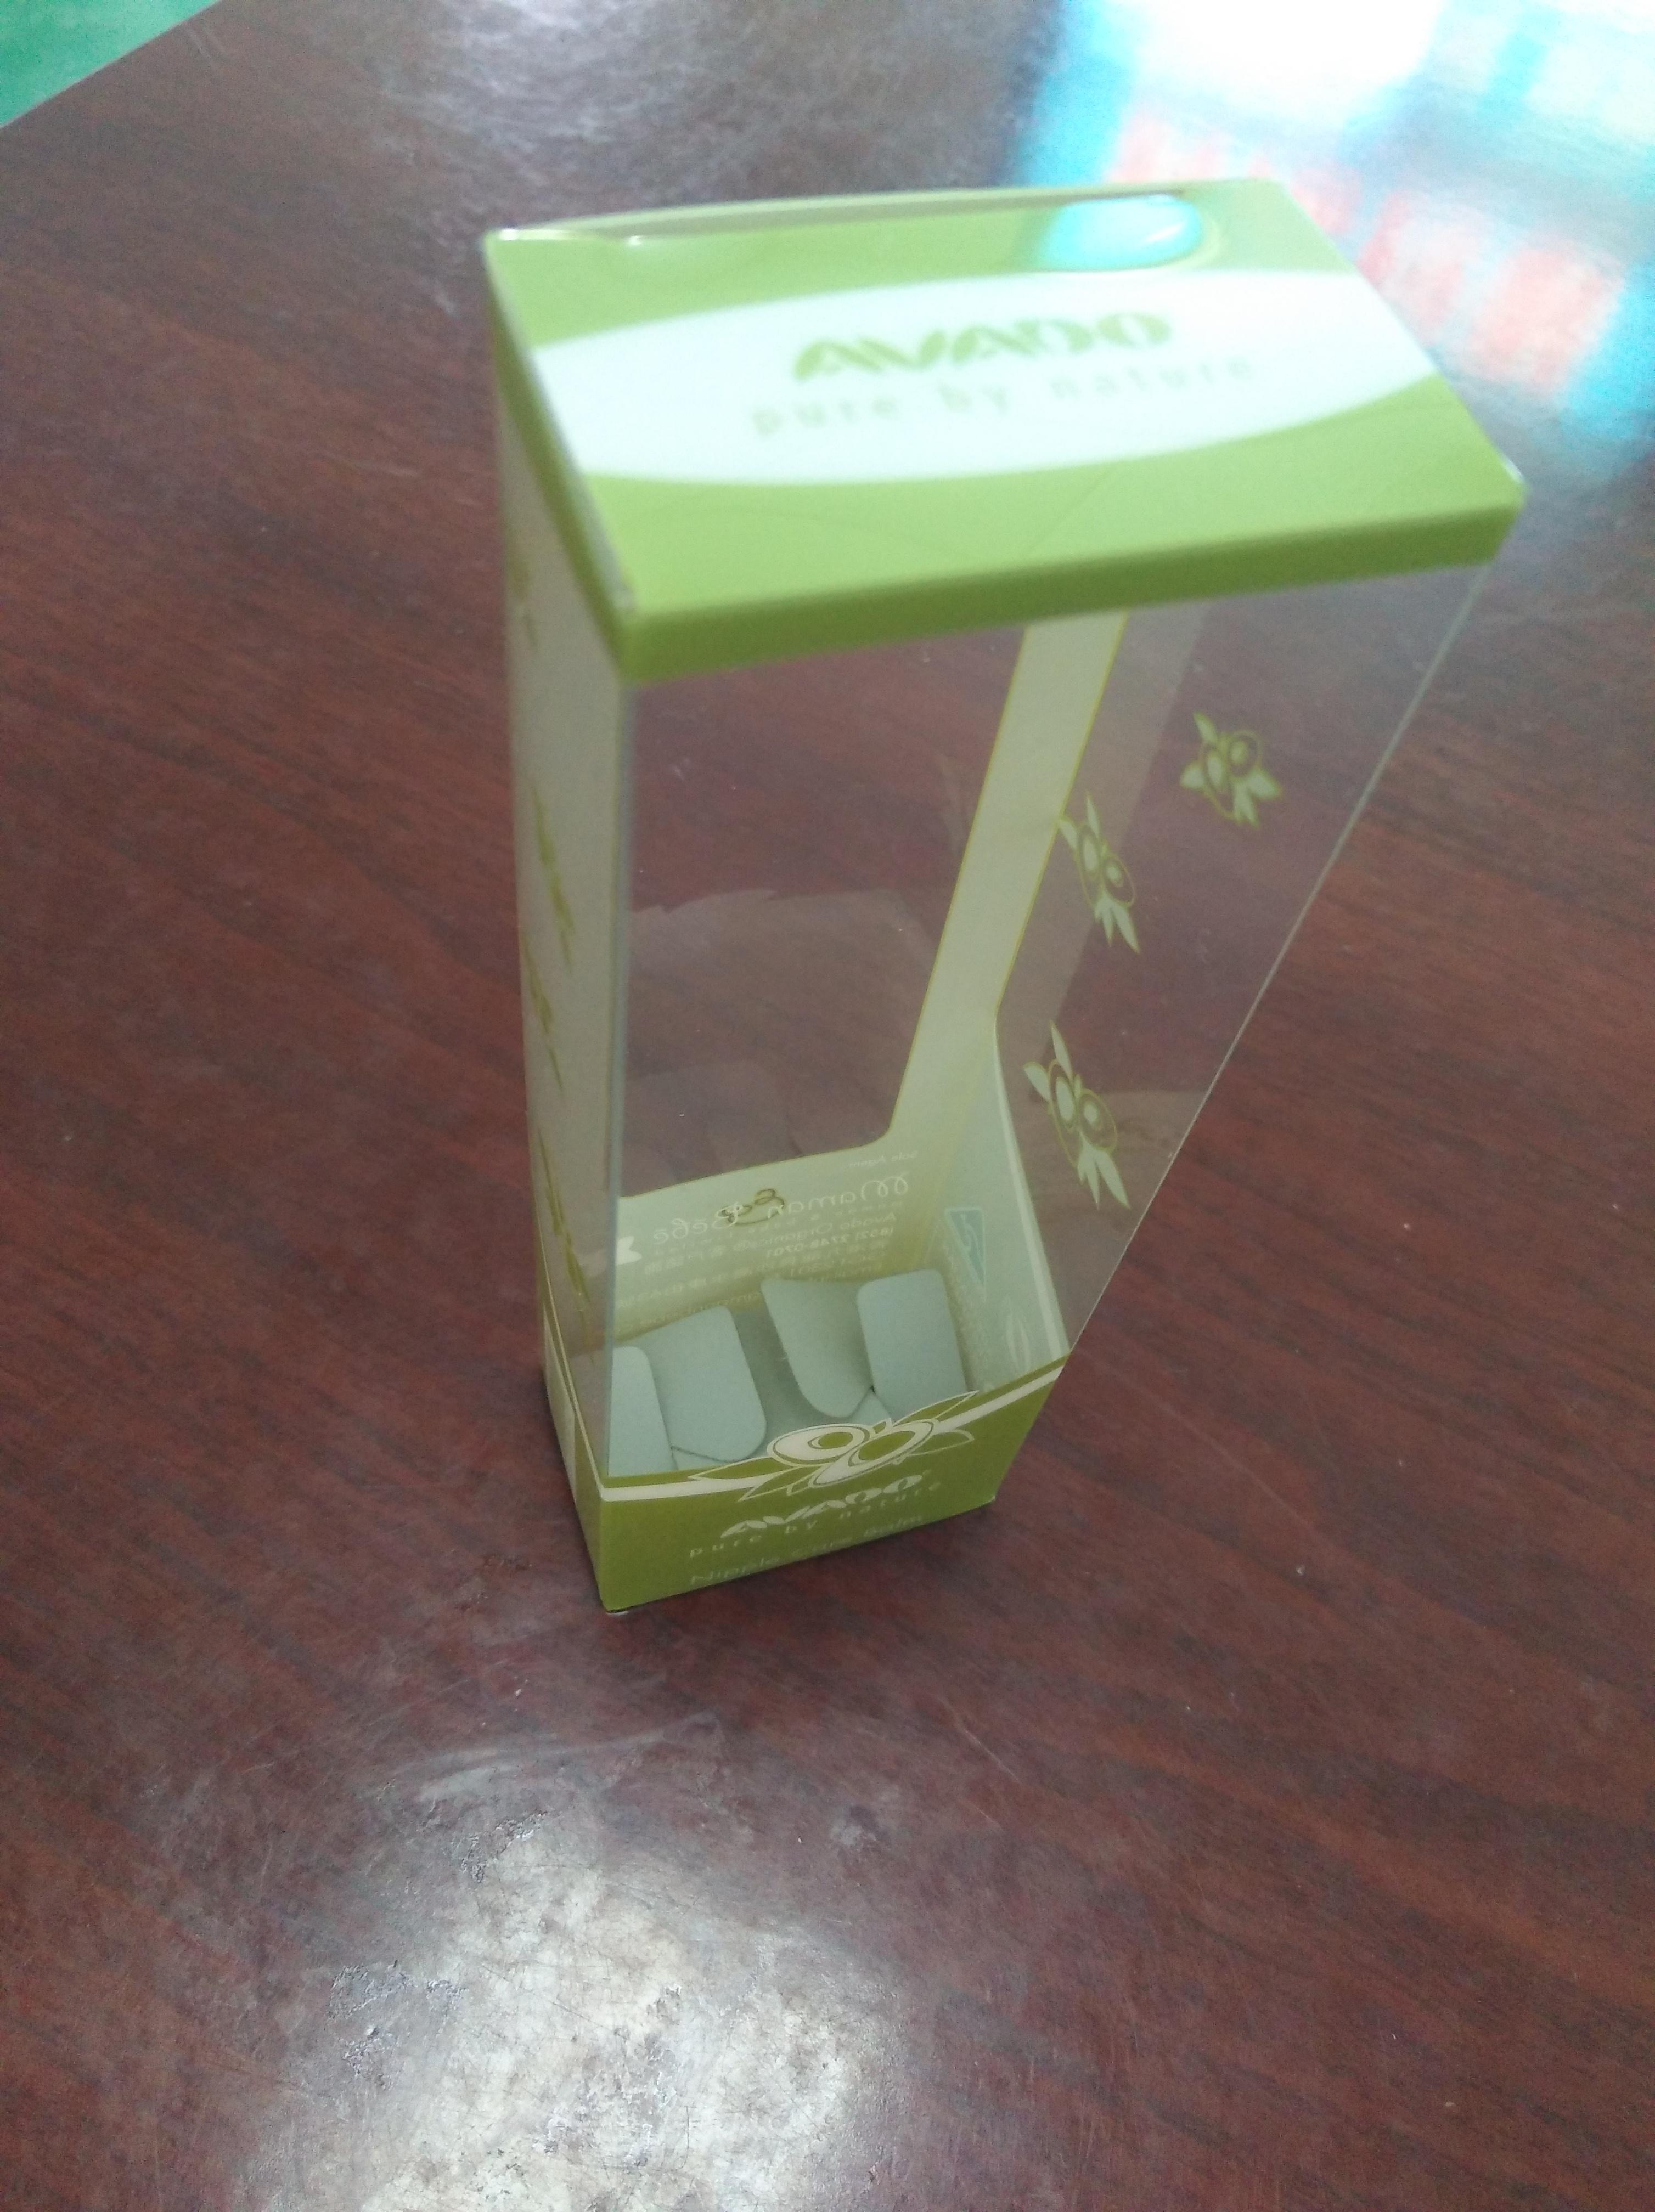 深圳订制彩印胶盒子包装厂家价格,吸塑圆筒胶盒子,优质彩色胶印塑料盒可定制logo,出口化妆品包装